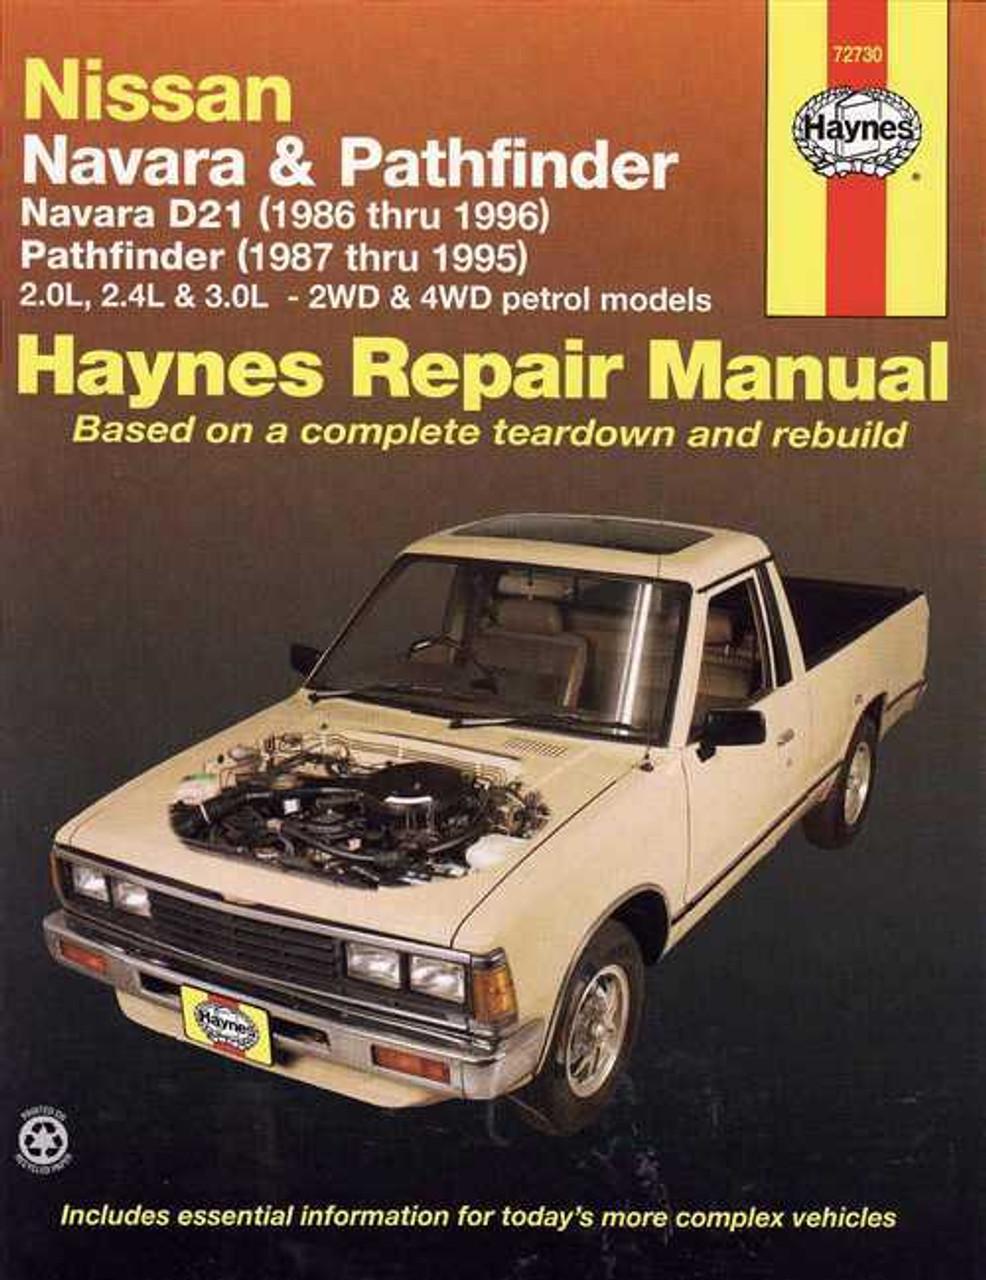 nissan navara amp pathfinder 1986 1996 workshop manual rh automotobookshop com au 2001 Nissan Frontier Repair Manual 86 Nissan Truck Repair Manual